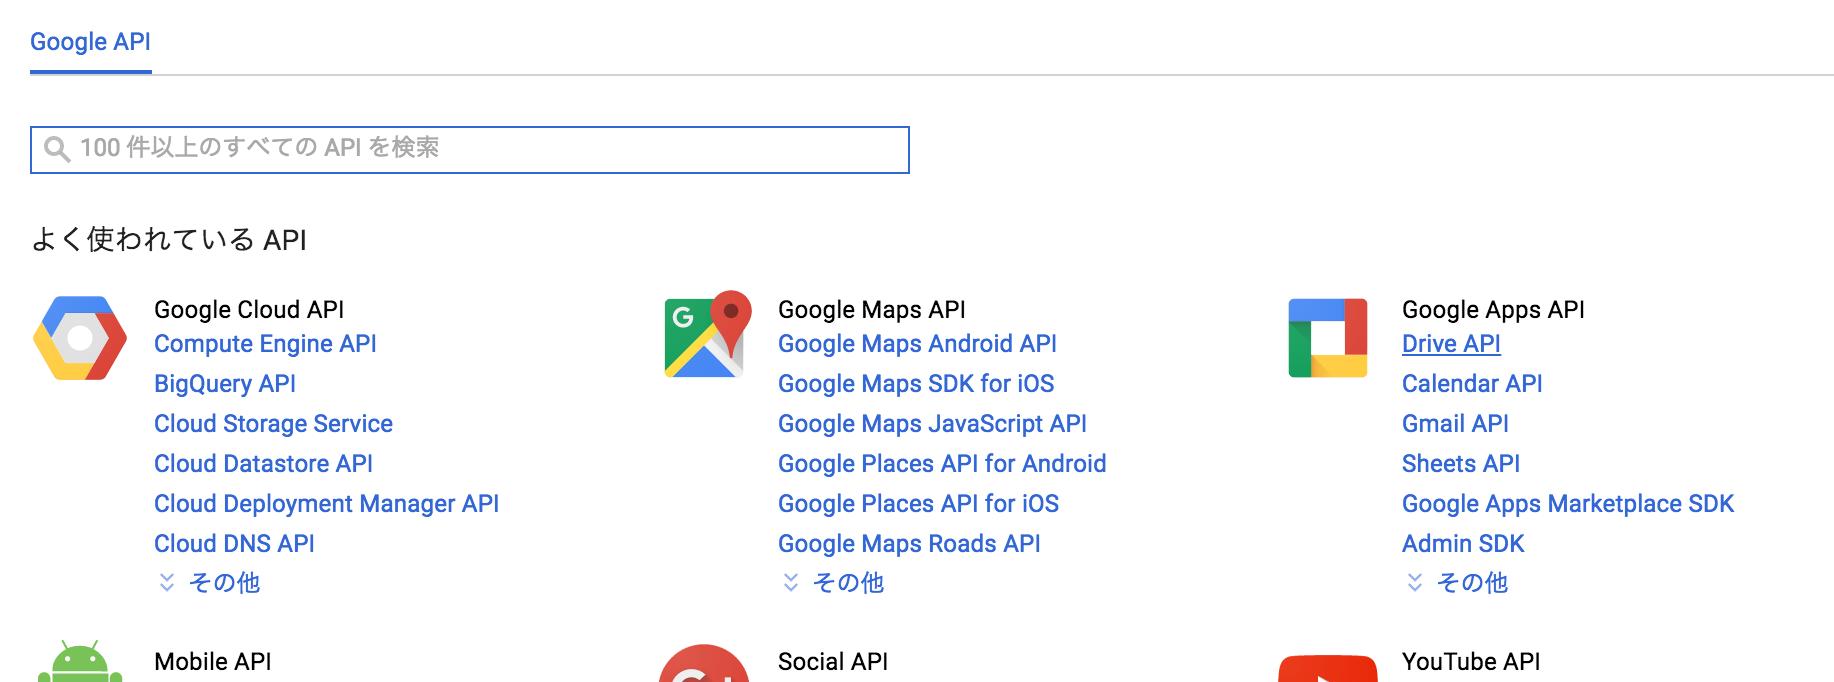 Google API パート2